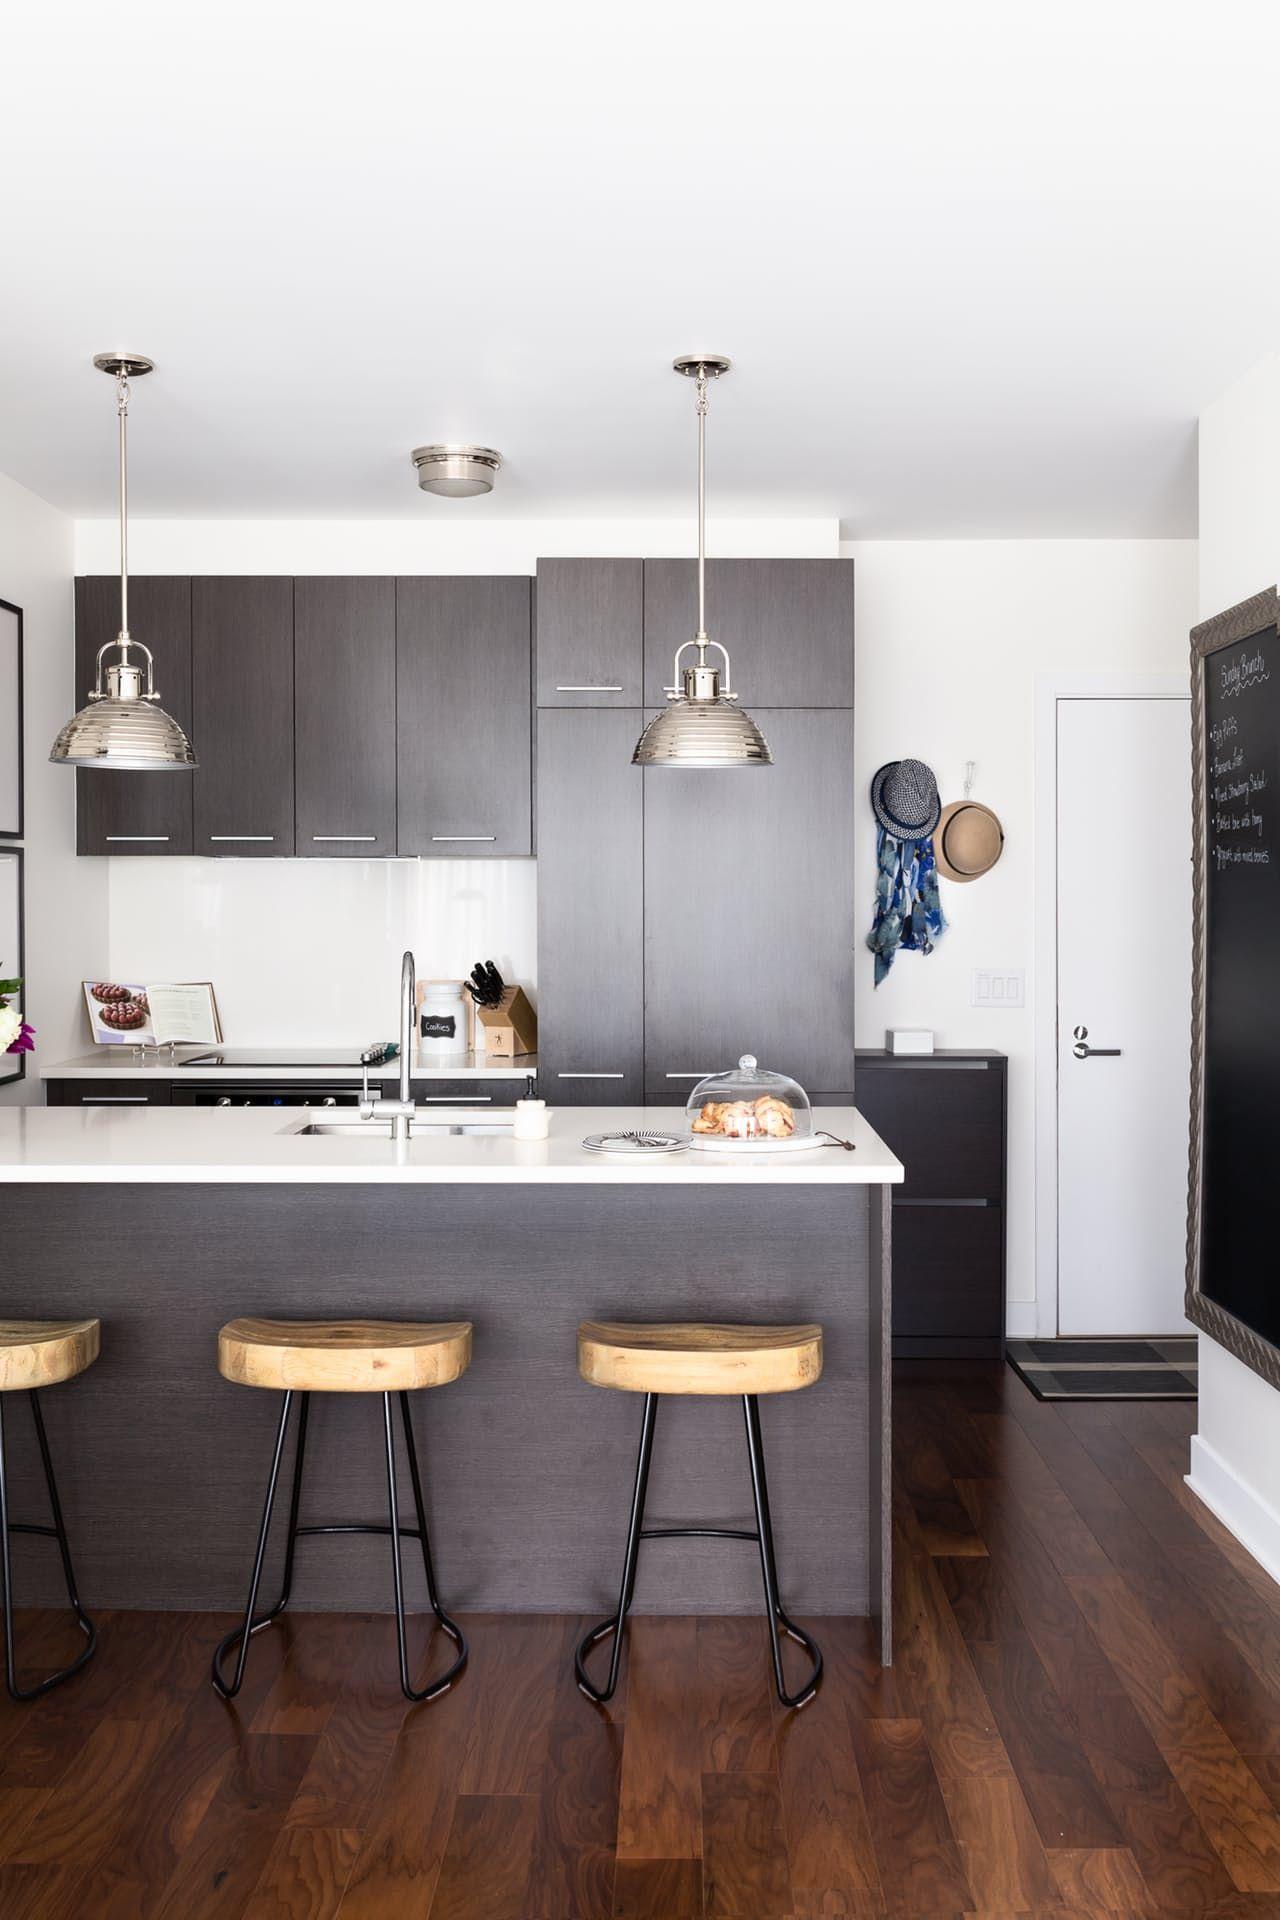 Beste Houzz Küche Mit Französisch Türen Fotos - Ideen Für Die Küche ...